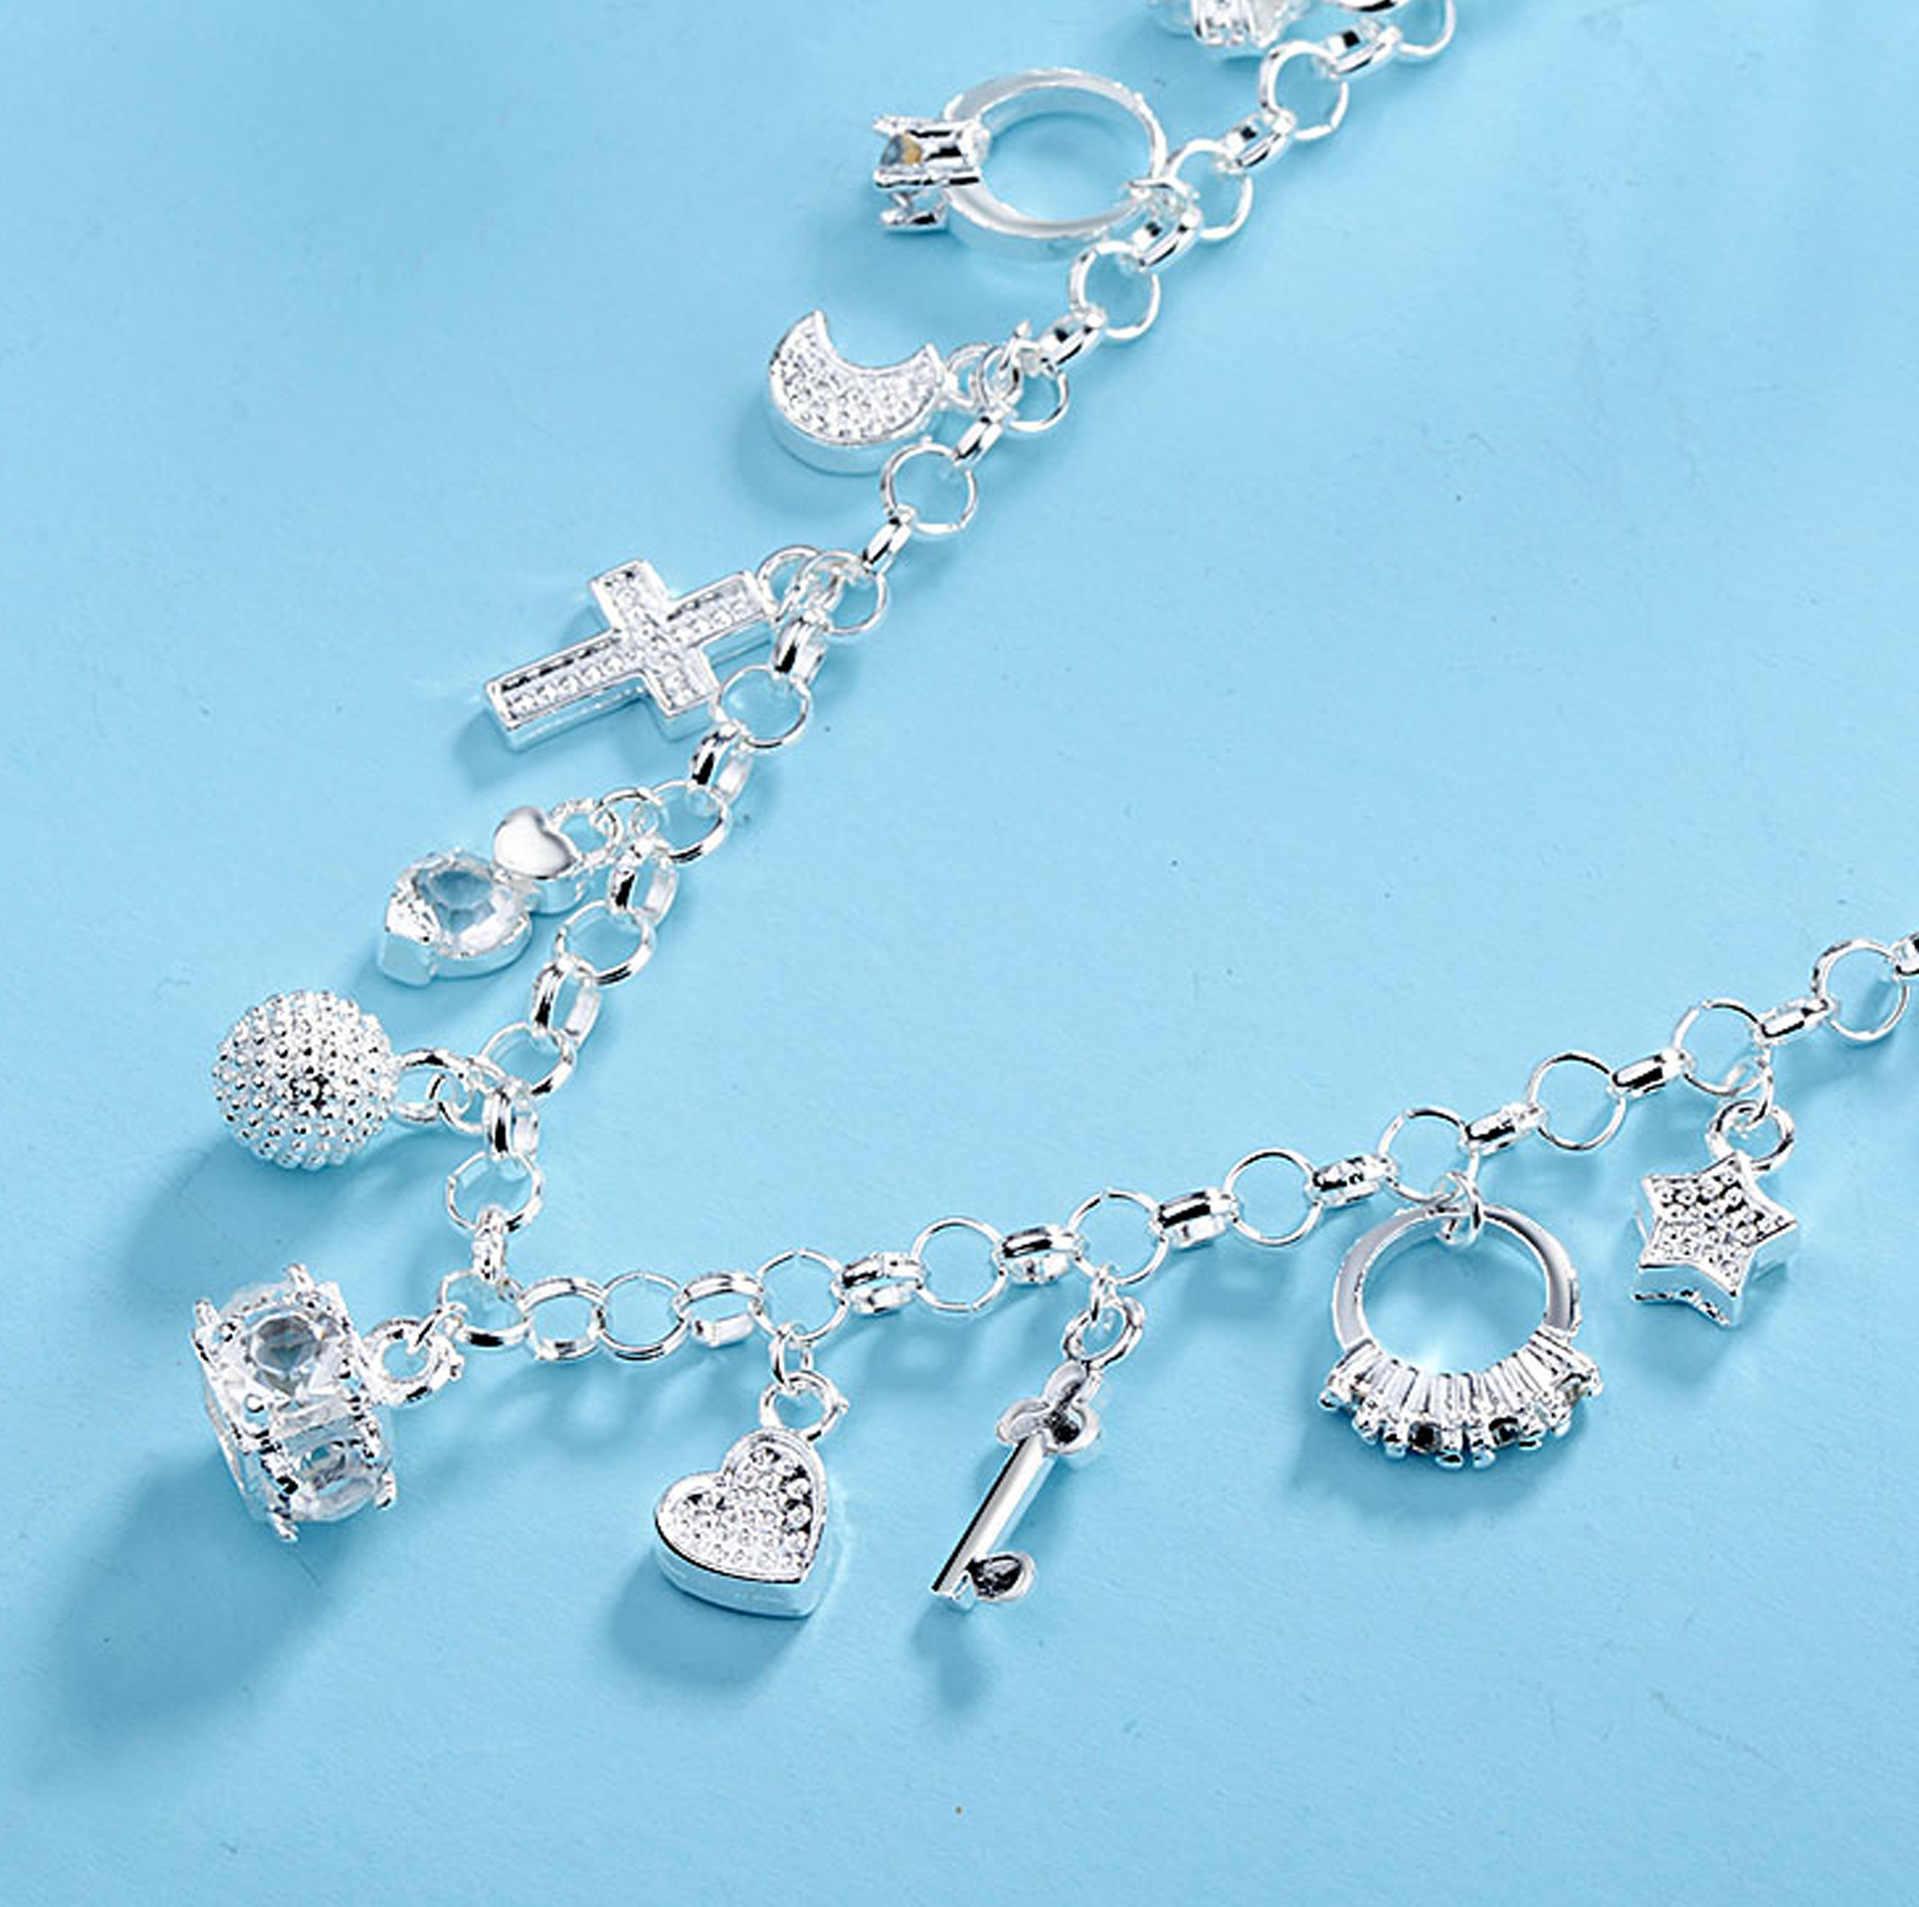 Gümüş avrupa ve amerikan kore moda 13 adet kolye çift bilezik femme kadınlar için